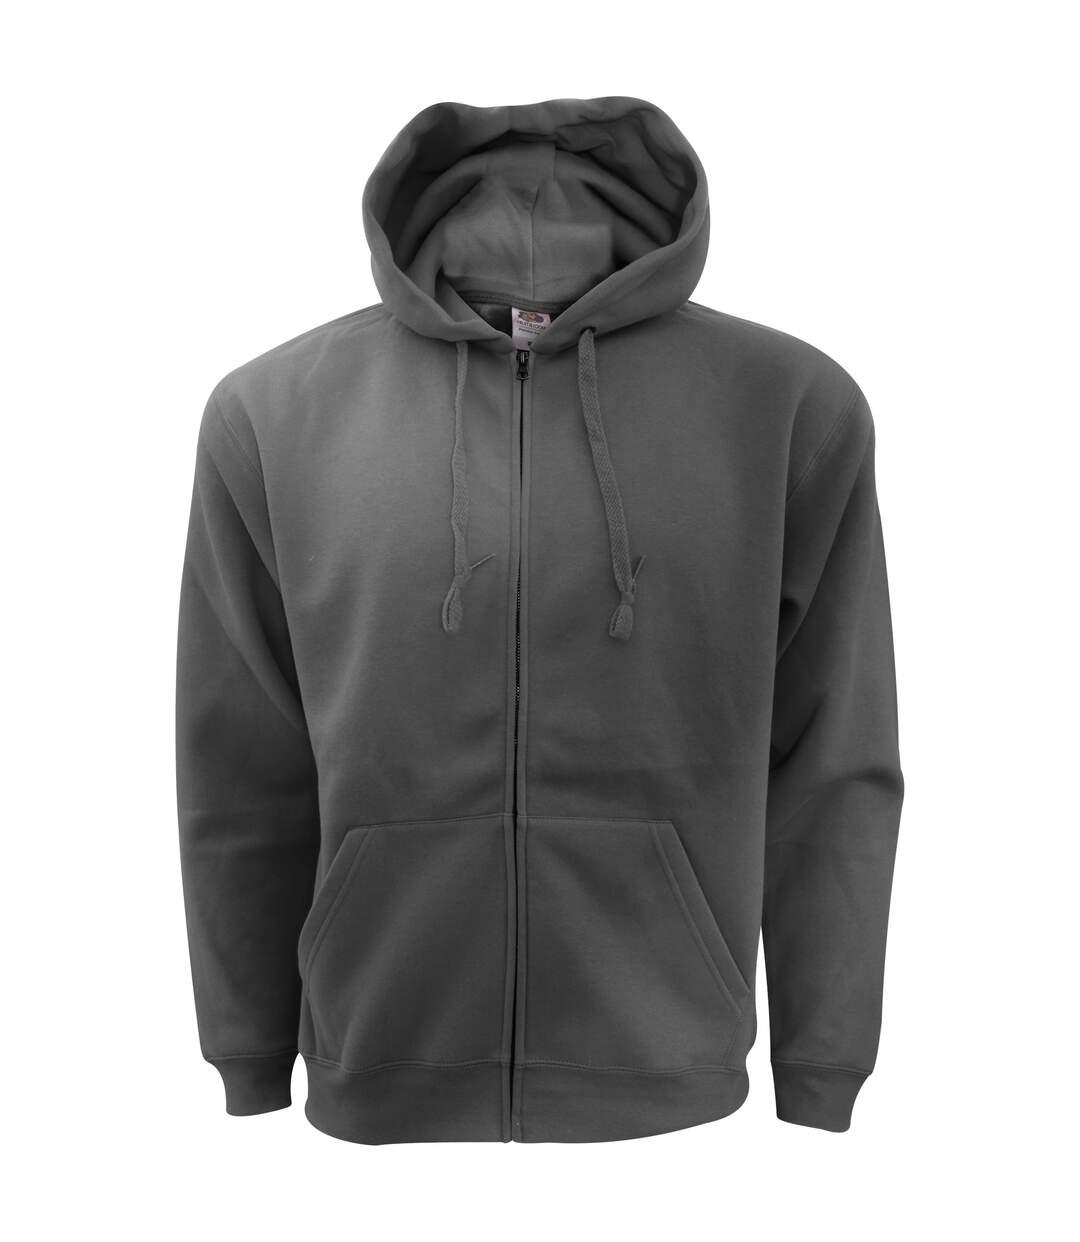 Fruit Of The Loom Mens Zip Through Hooded Sweatshirt / Hoodie (Black) - UTBC360